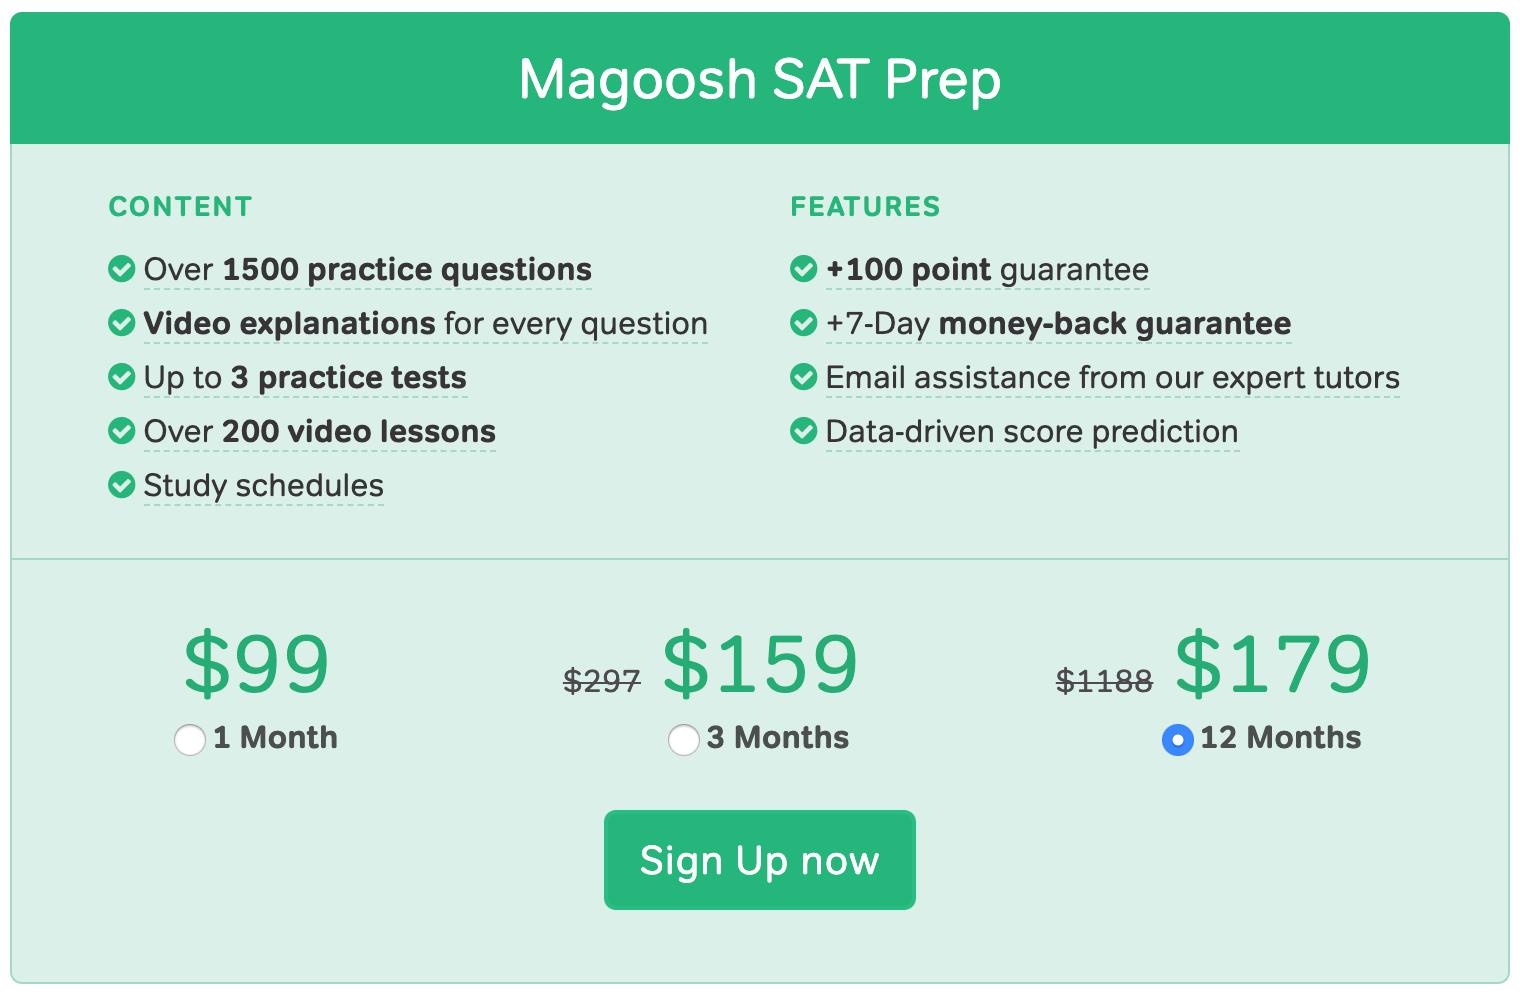 Magoosh SAT Pricing